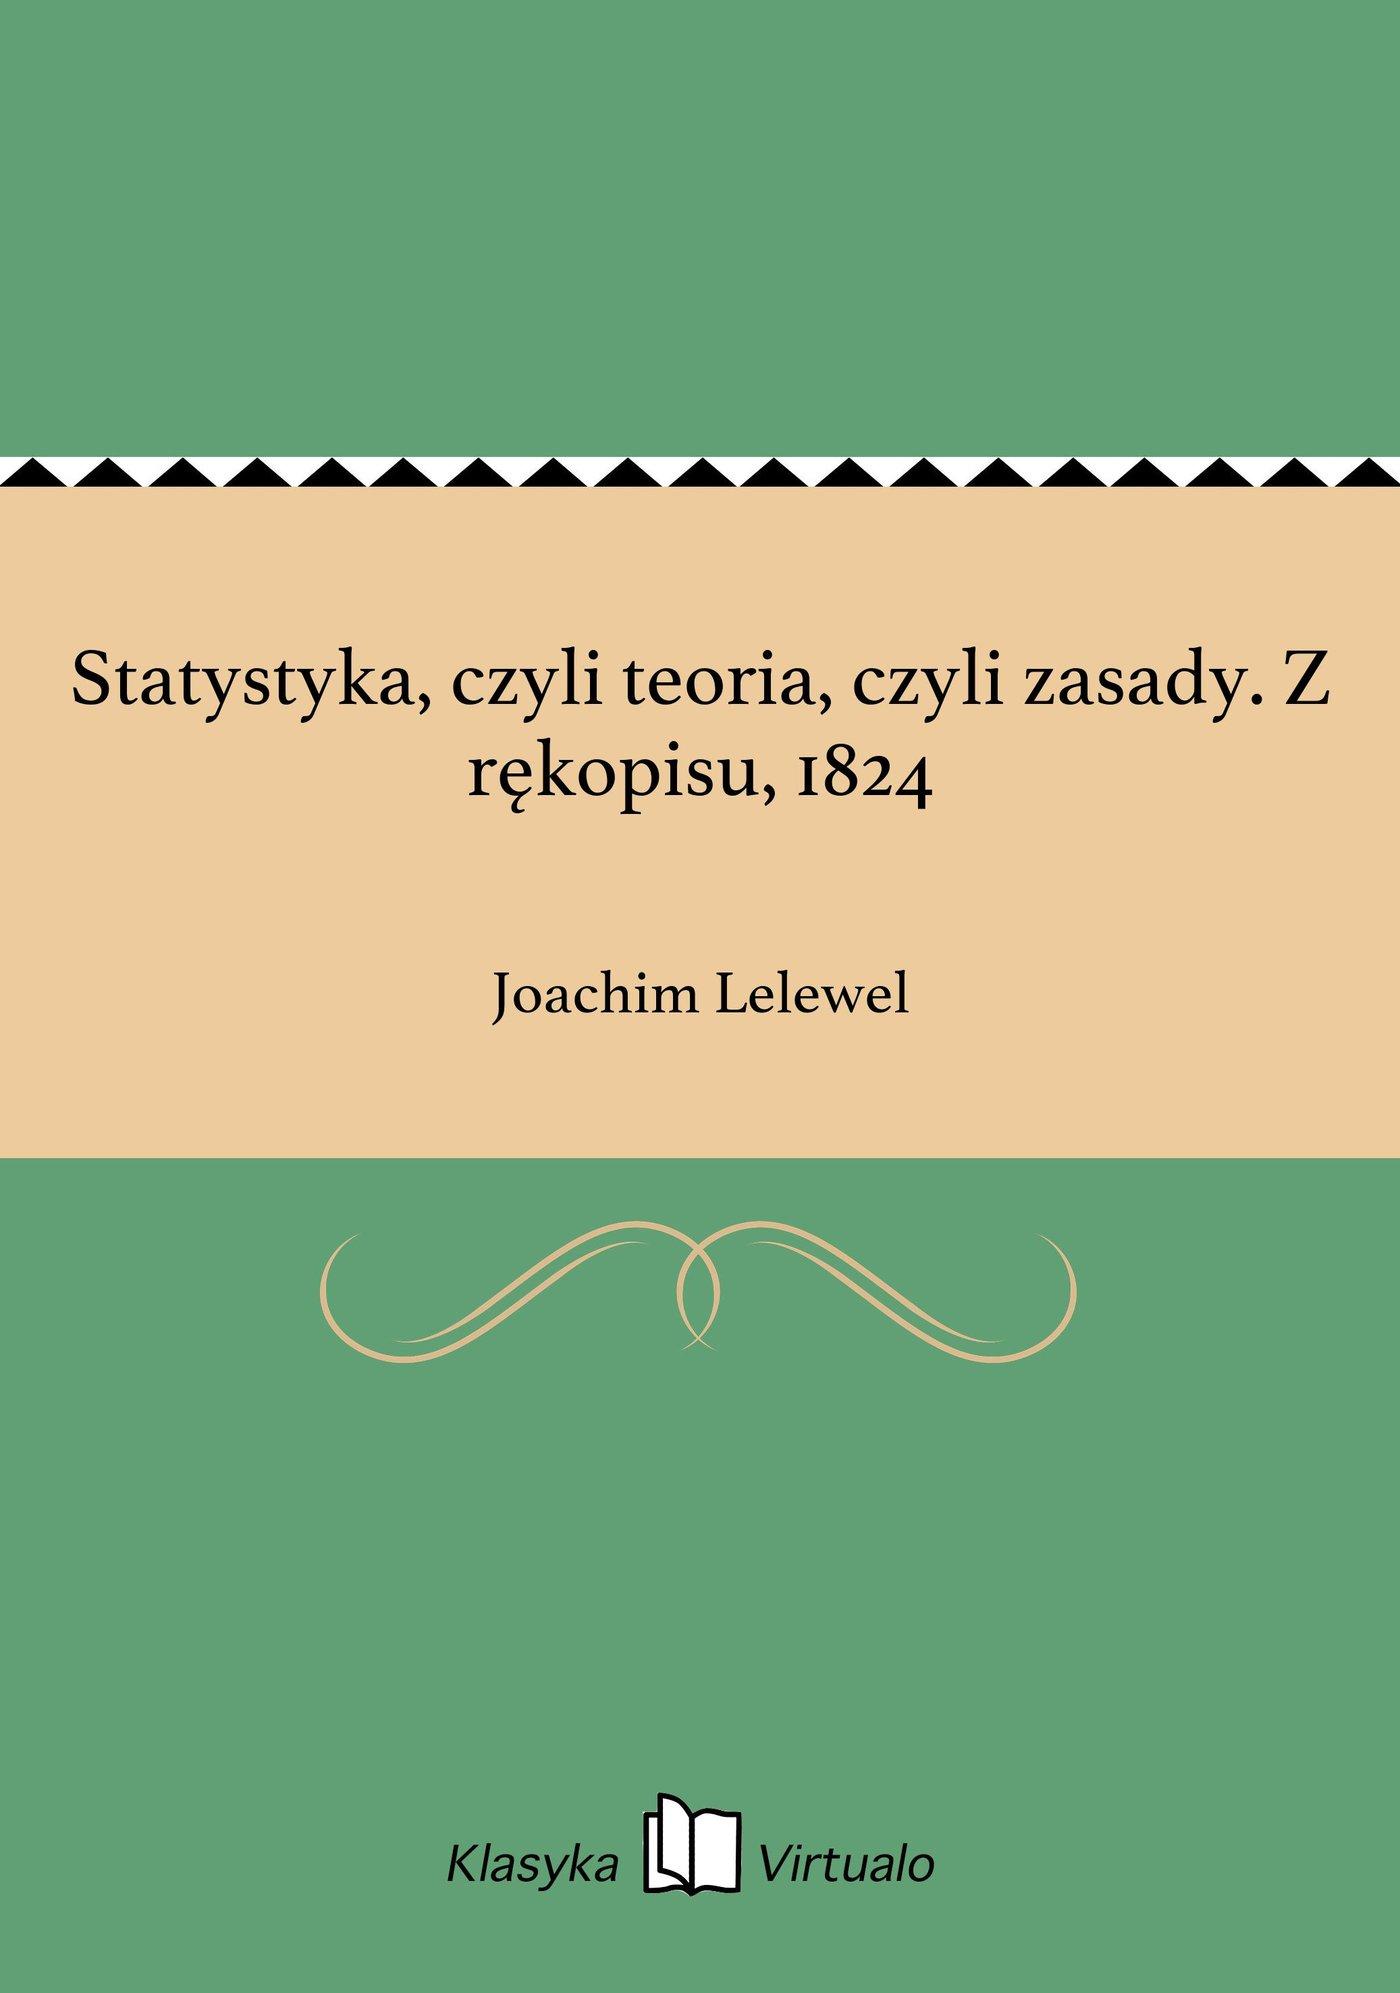 Statystyka, czyli teoria, czyli zasady. Z rękopisu, 1824 - Ebook (Książka EPUB) do pobrania w formacie EPUB